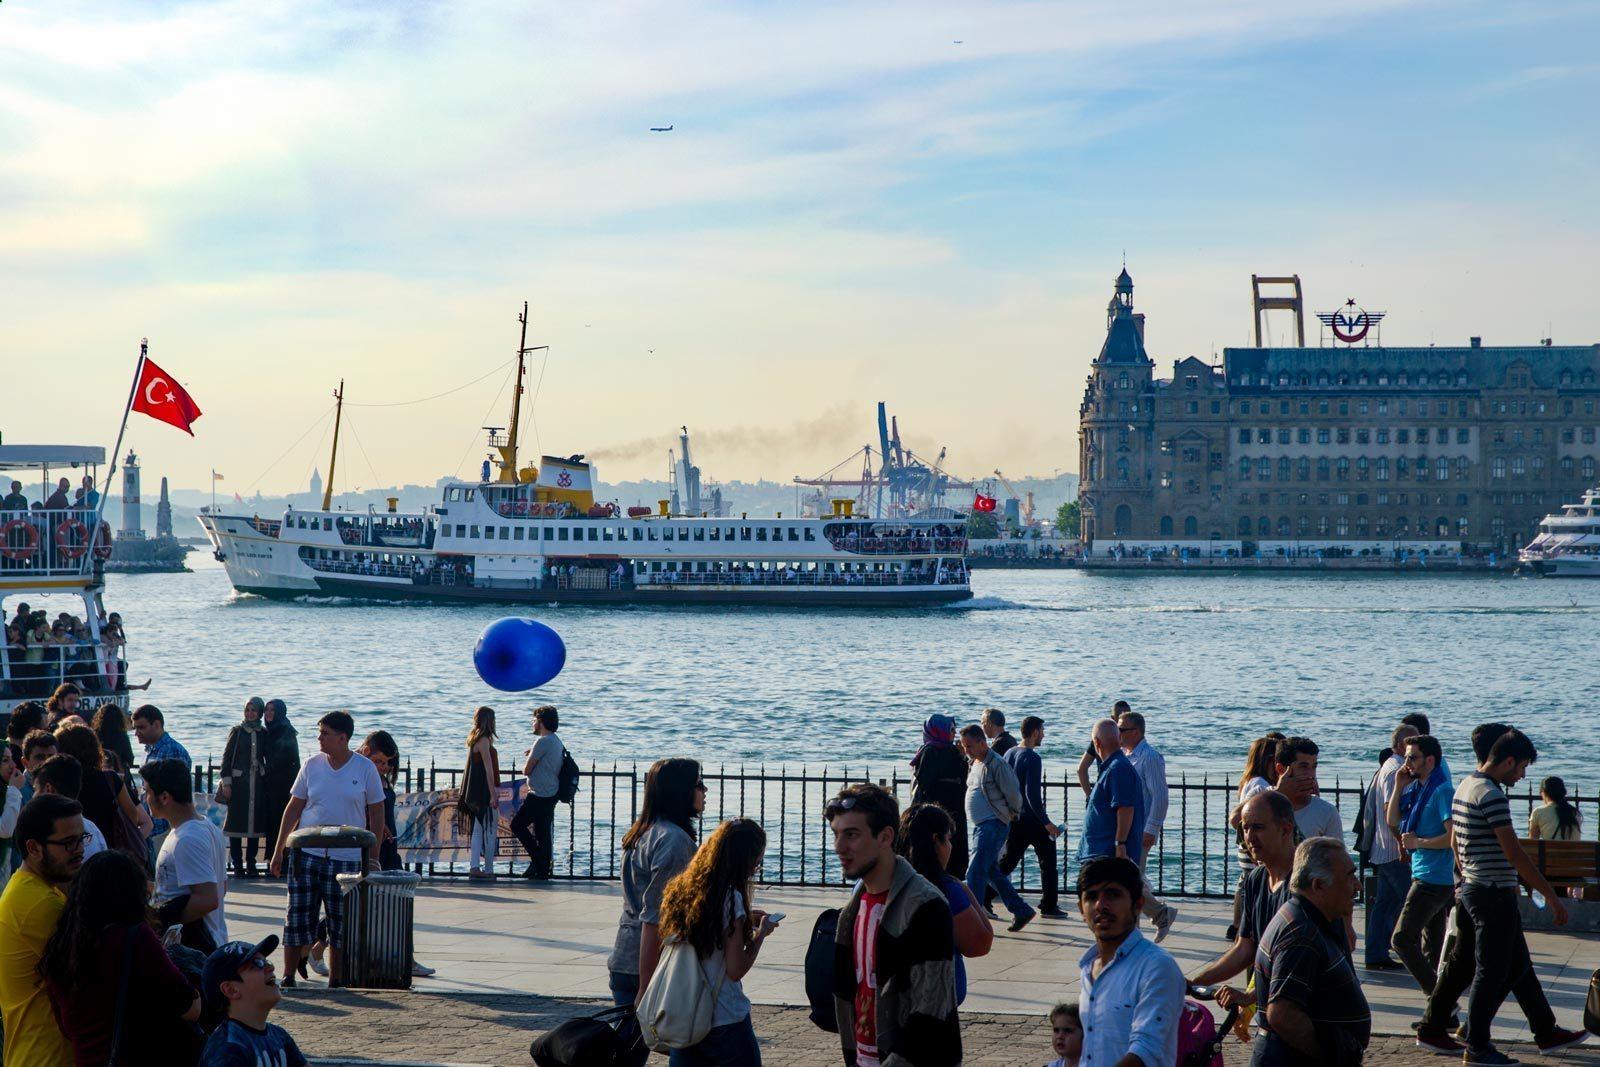 افضل اماكن السكن في اسطنبول المسافرون